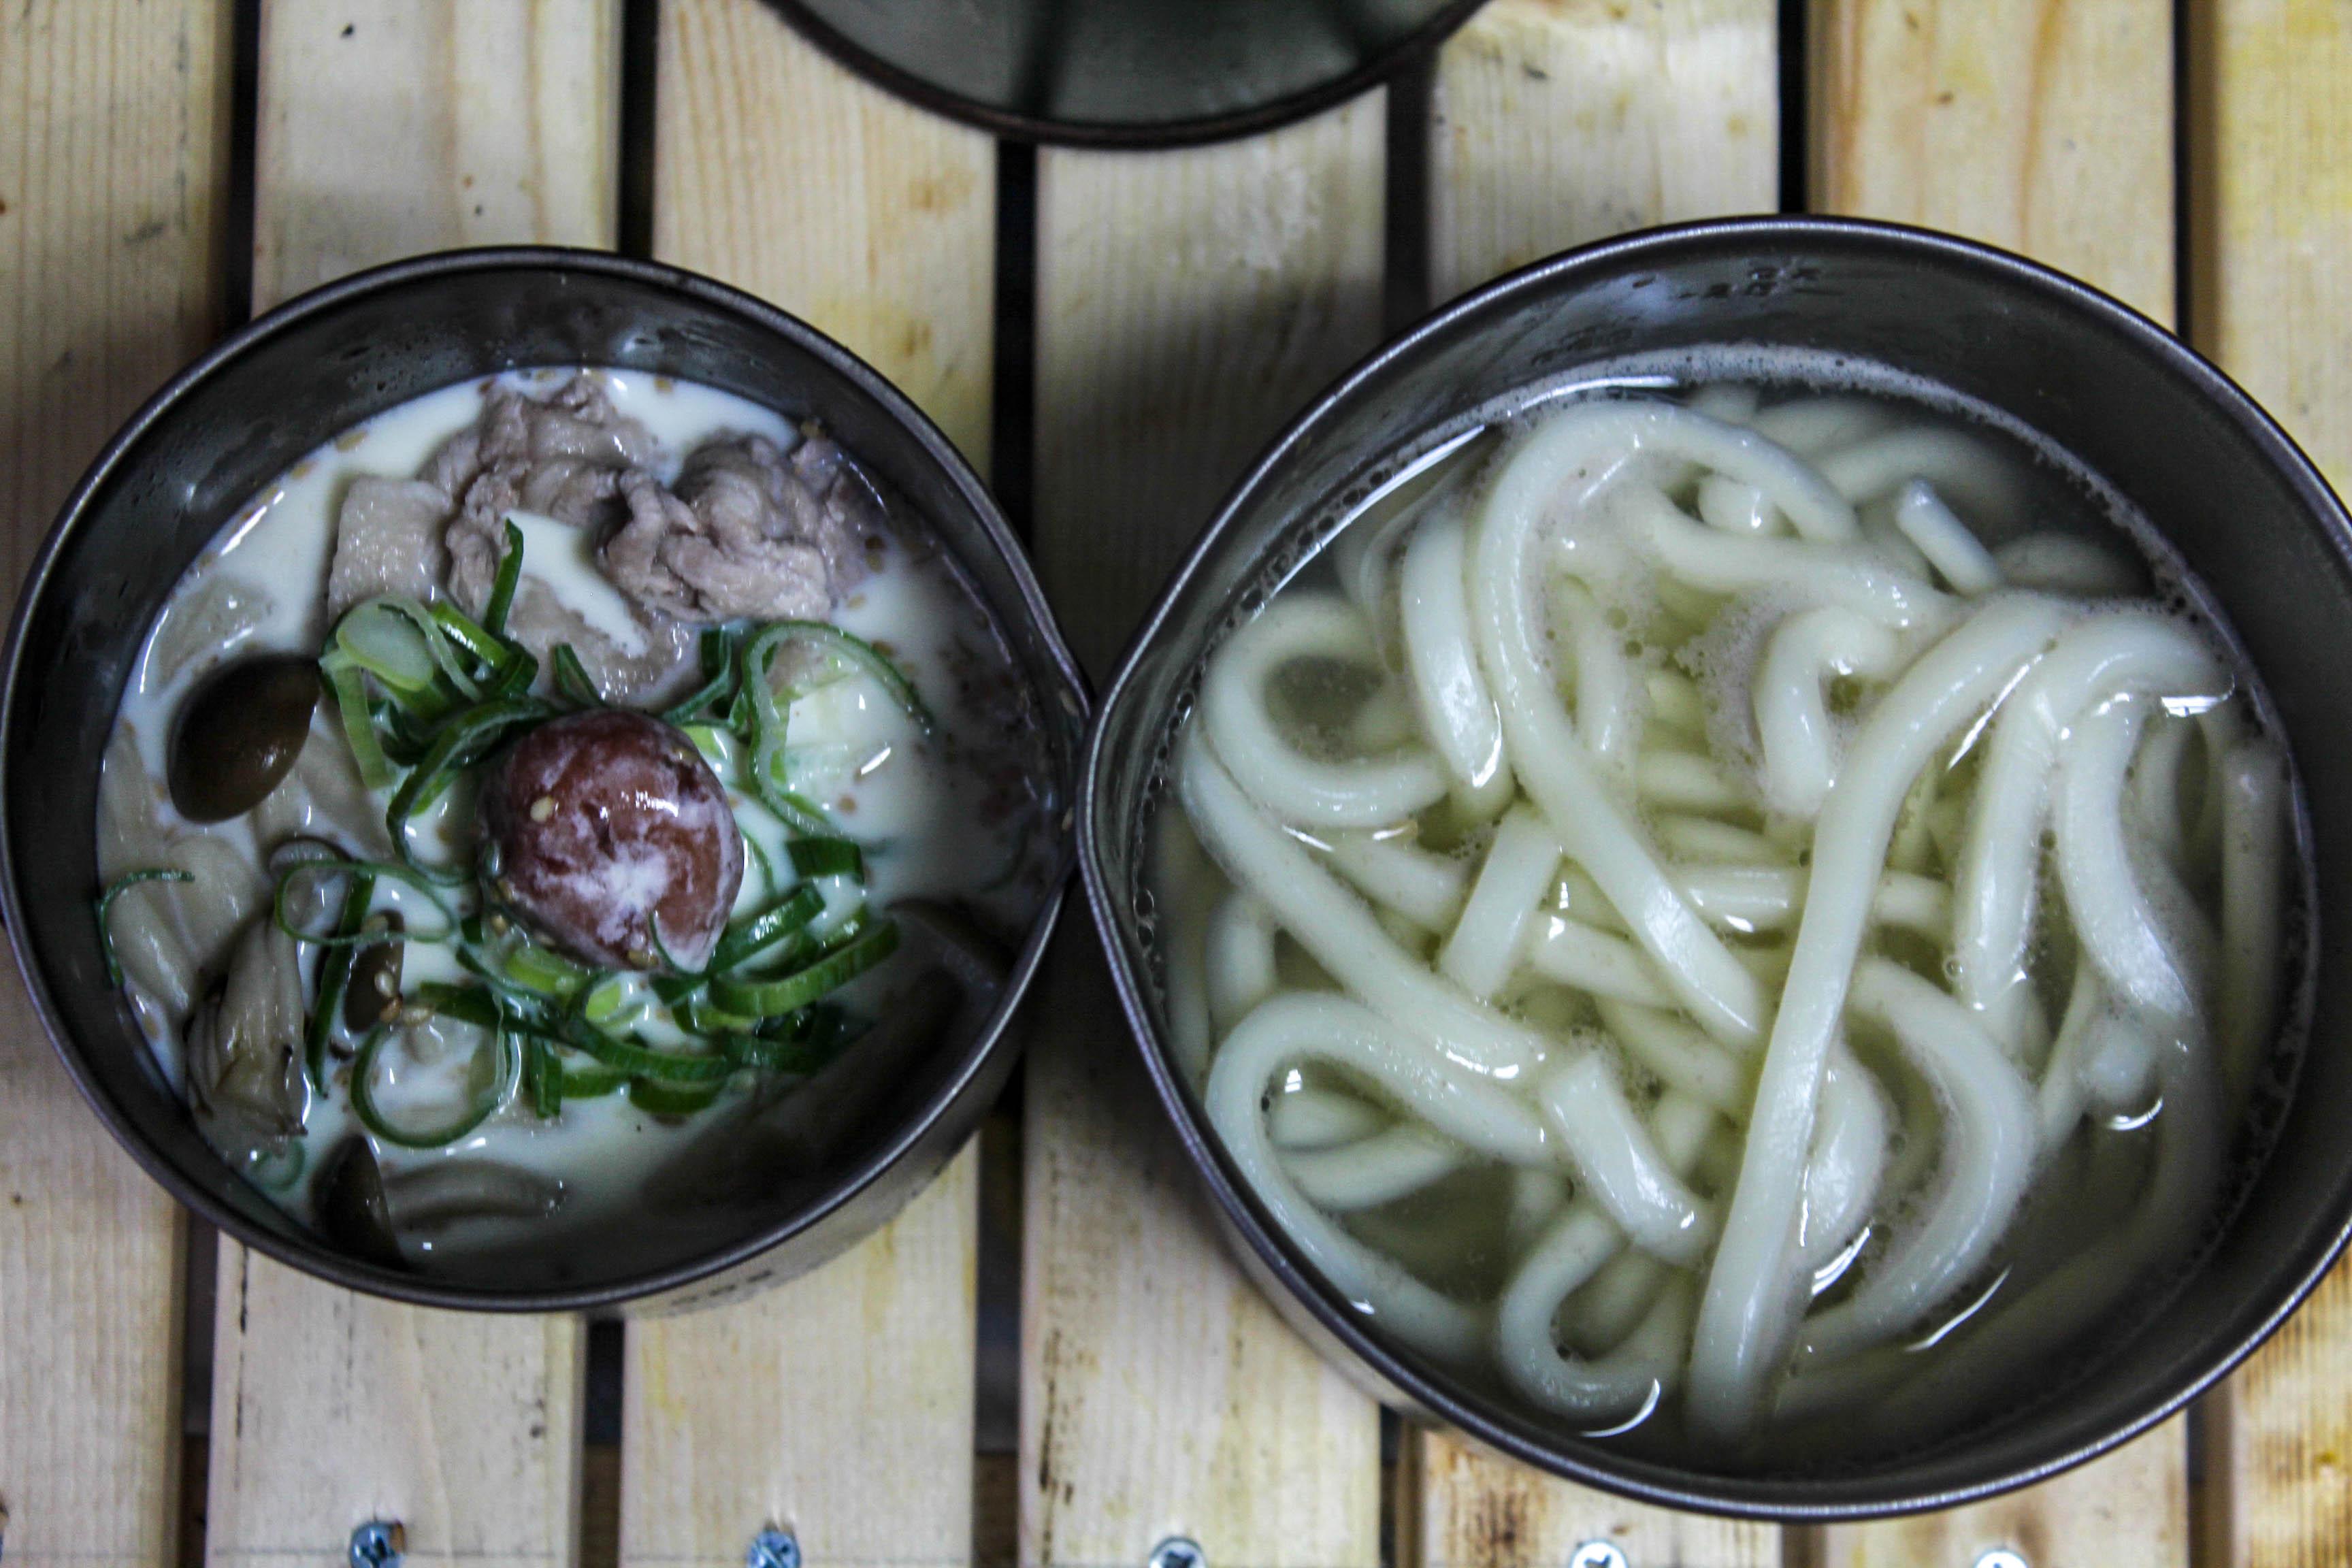 【キャンプ飯レシピ】クッカー2つで作れる、簡単過ぎて話にならない冷たい豆乳つけうどん